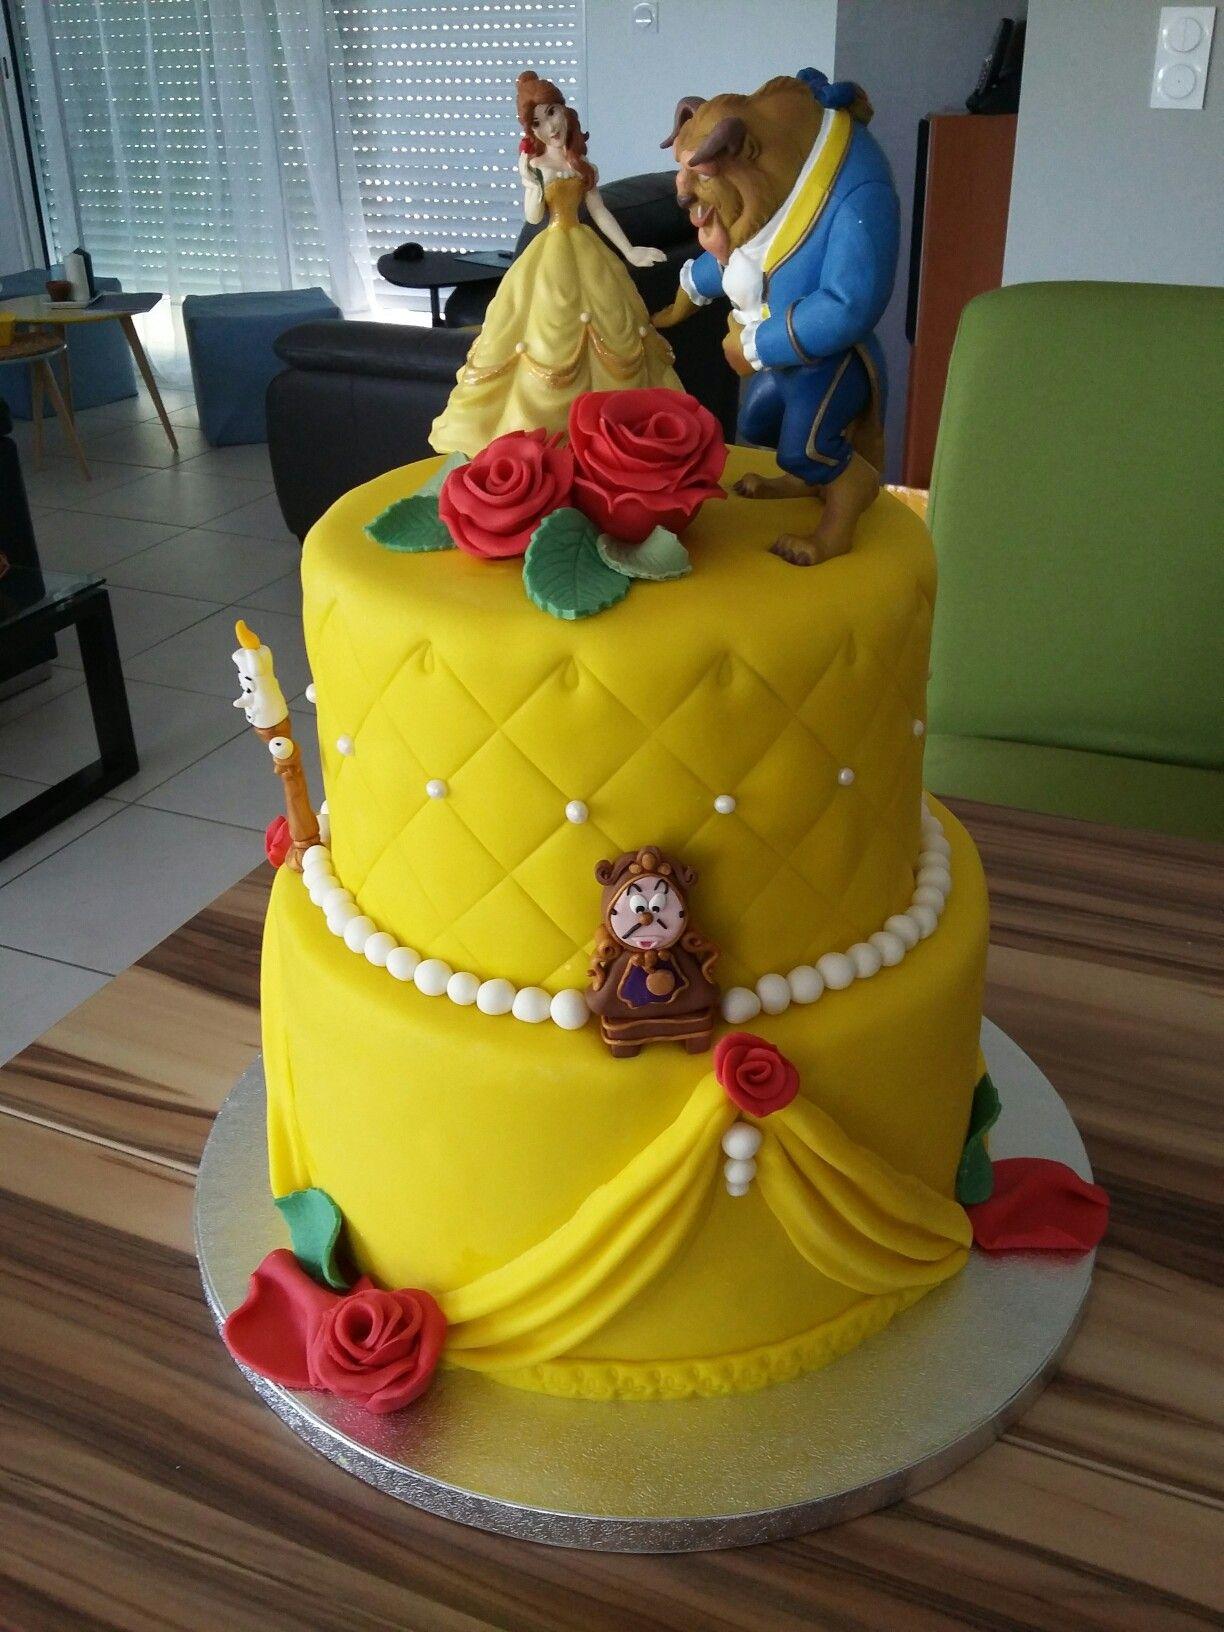 Voici une de mes dernires crations un cake design sur le thme de